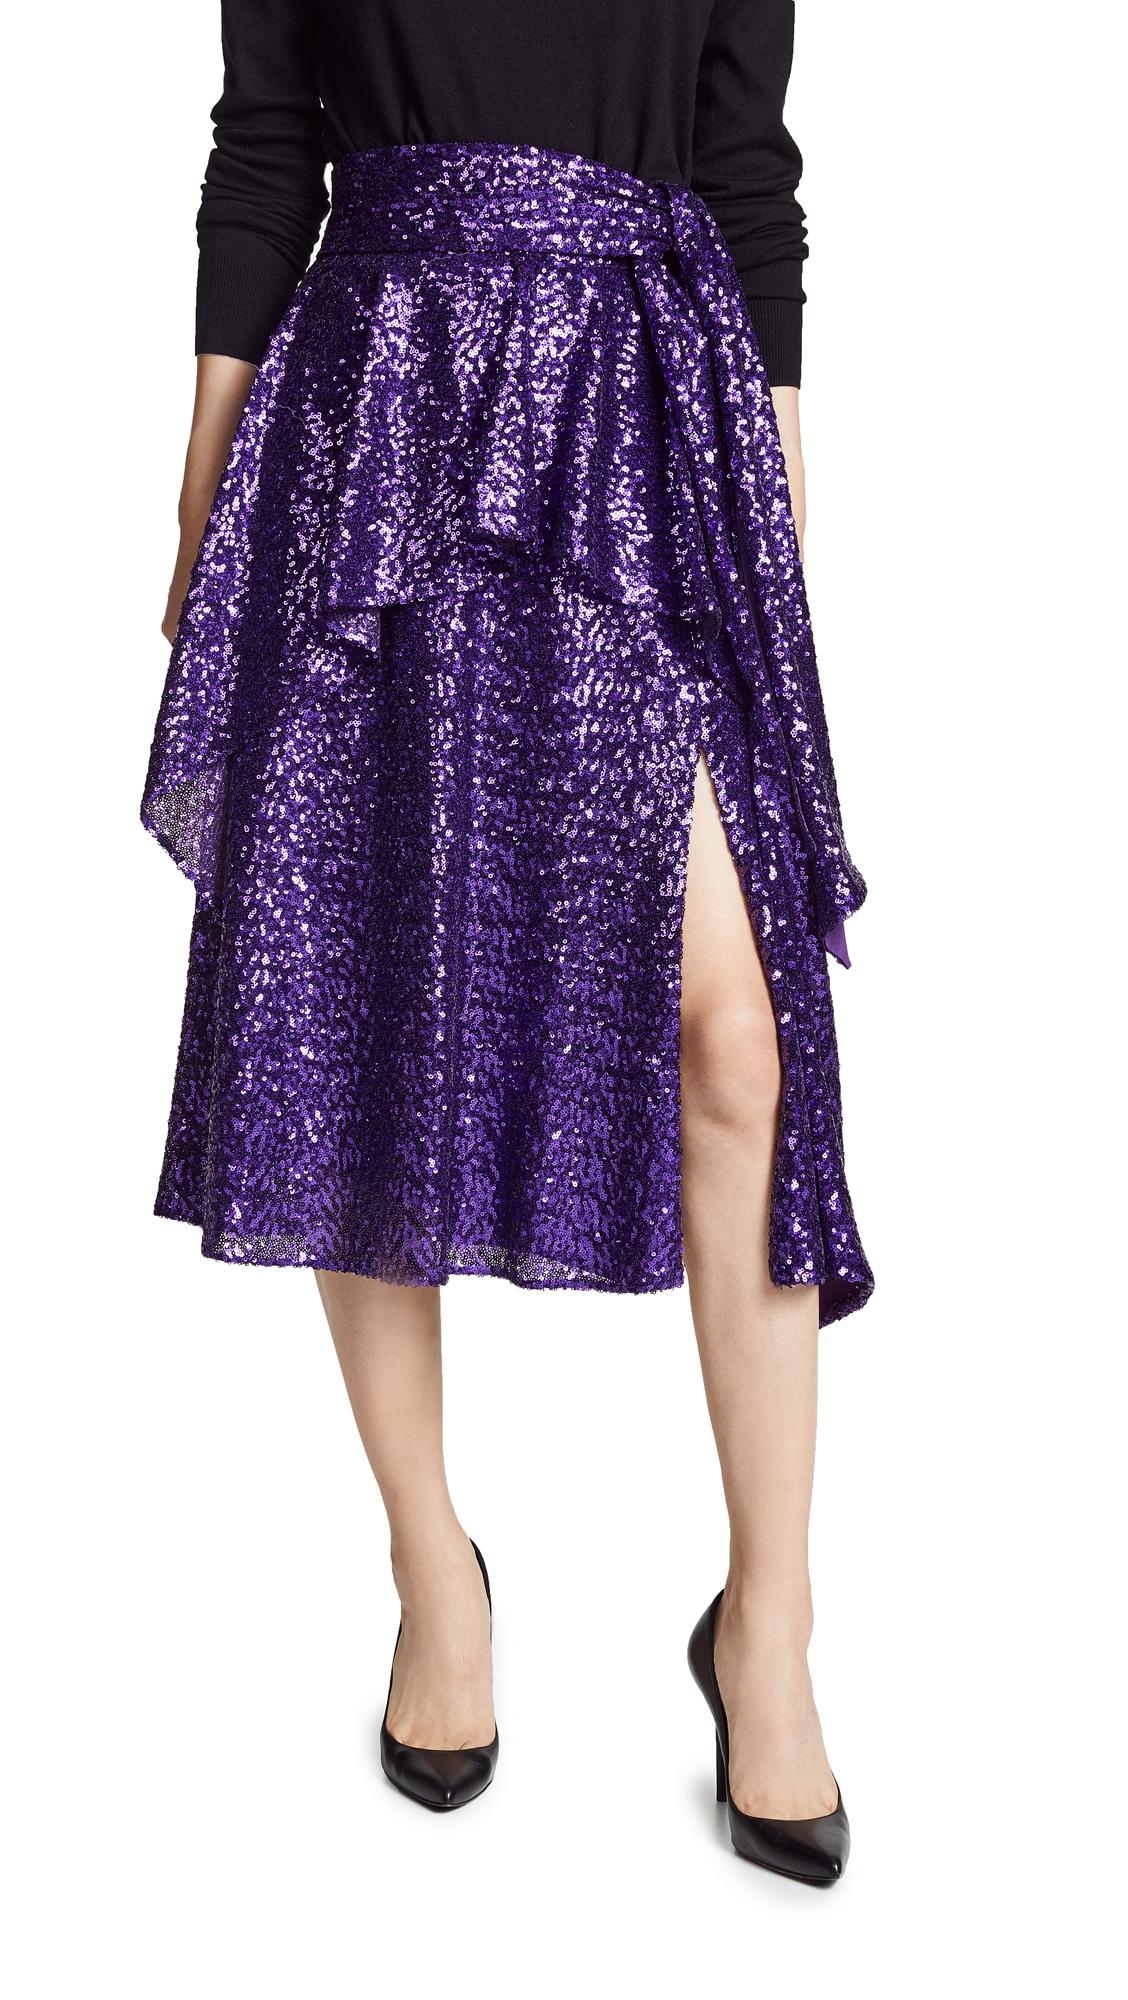 Prabal Gurung Nima Sequin Tie Waist Skirt In Grape